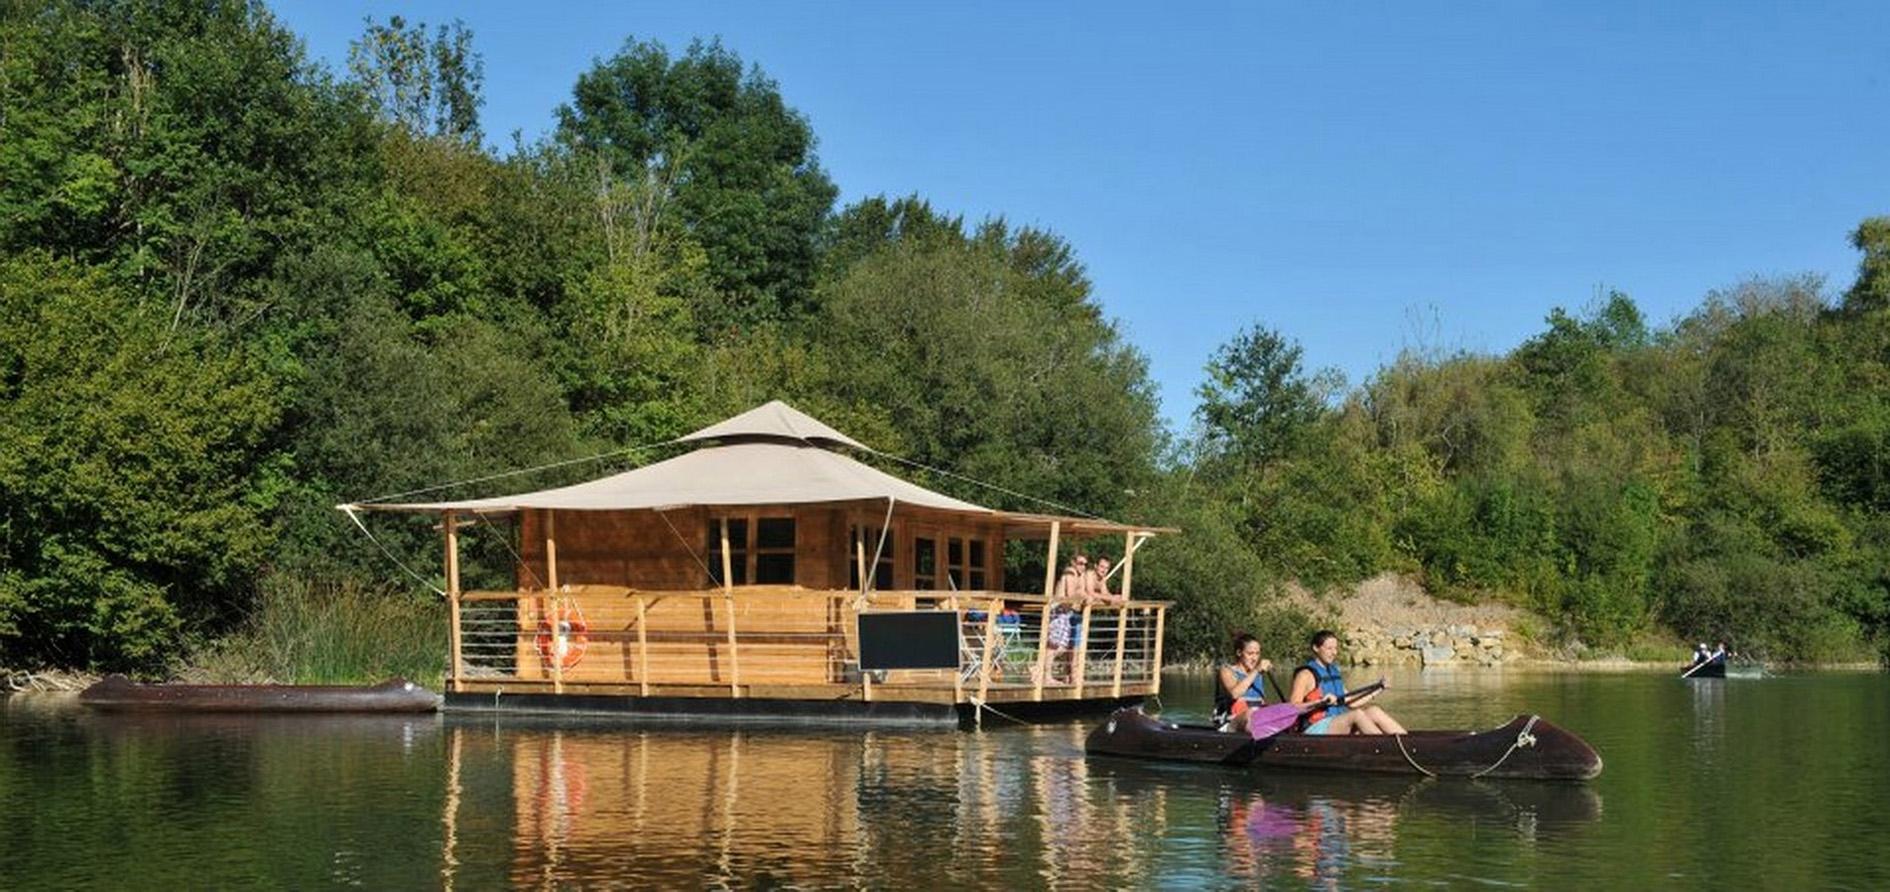 Cabane flottante du Parc Echologia